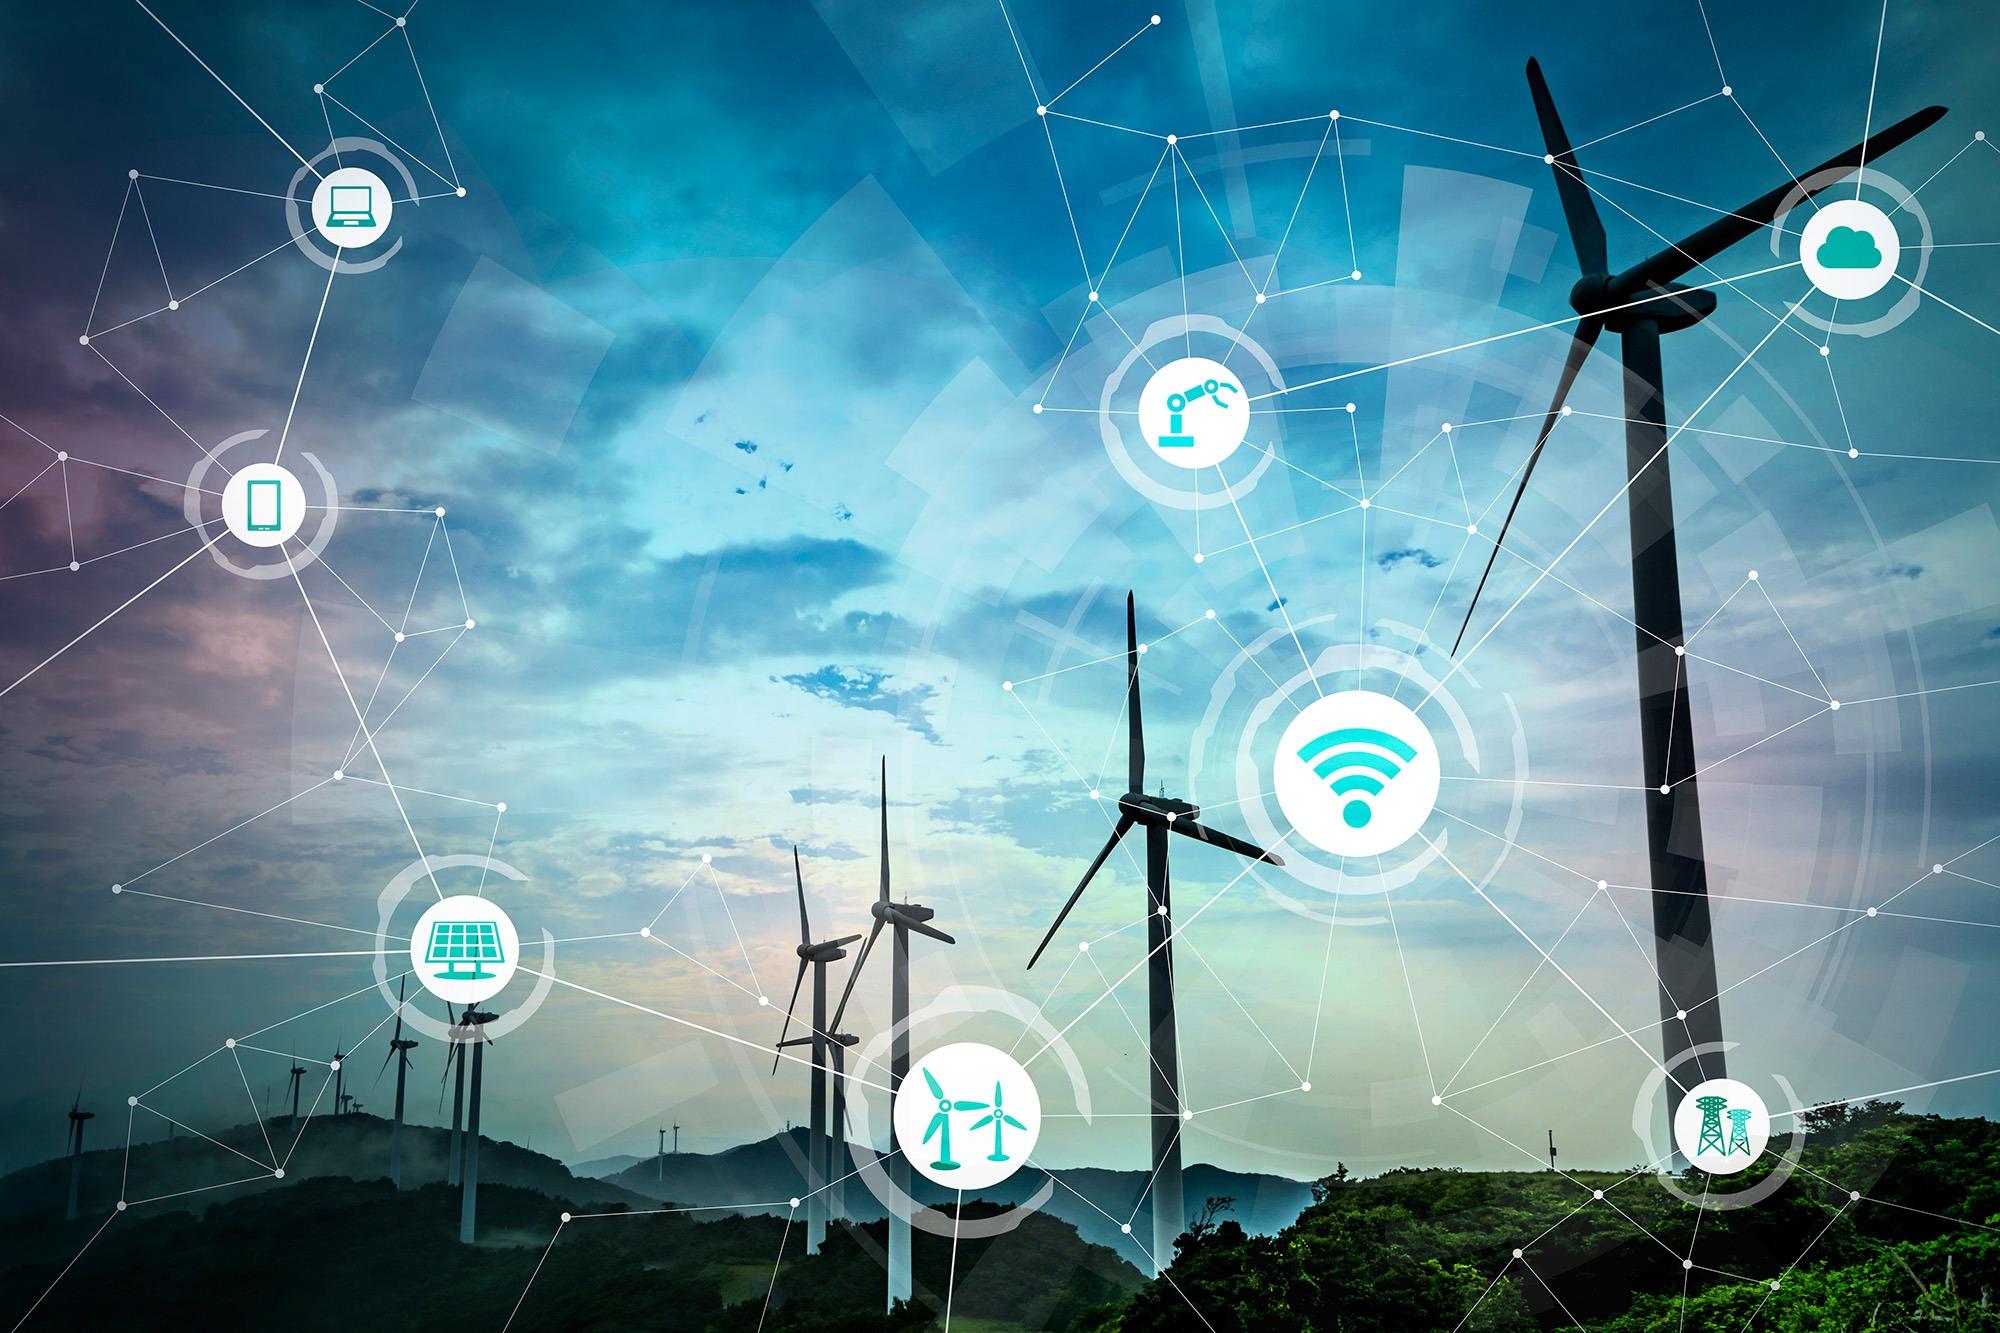 Інтернет речей в енергетиці: у чому користь?, автор Київстар | Kyivstar Business Hub, зображення №1